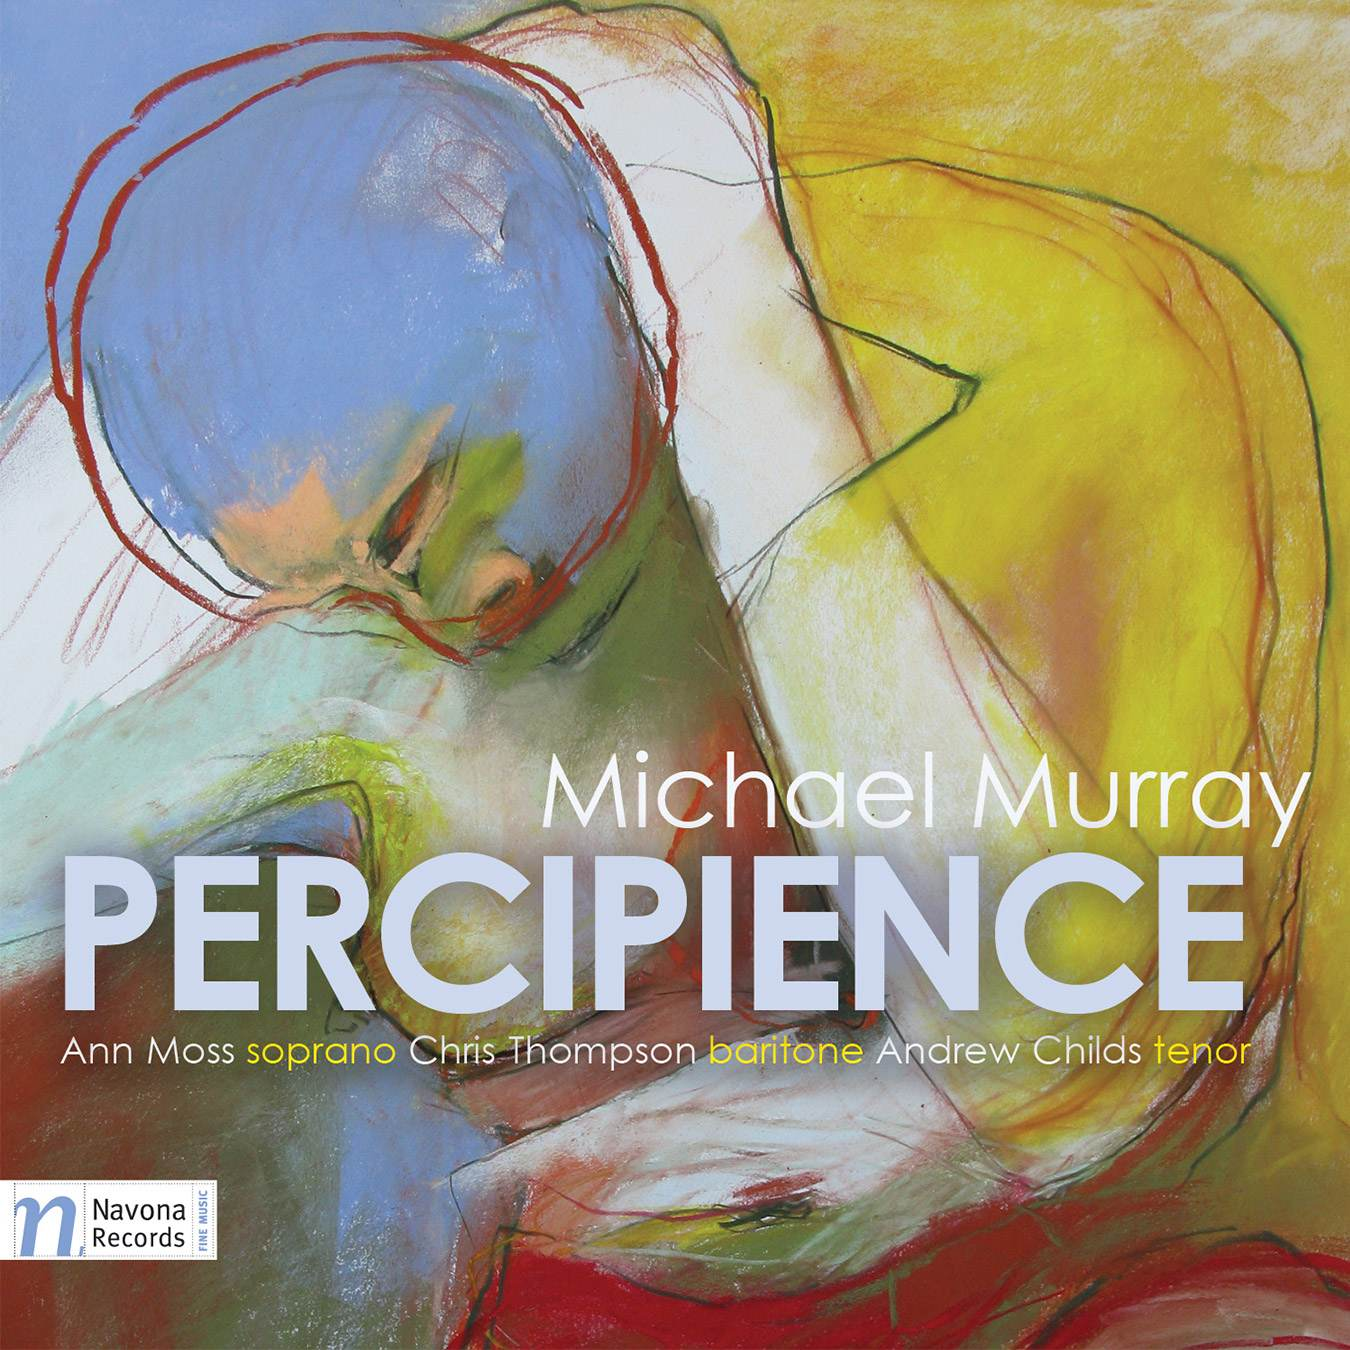 PERCIPIENCE - Album Cover